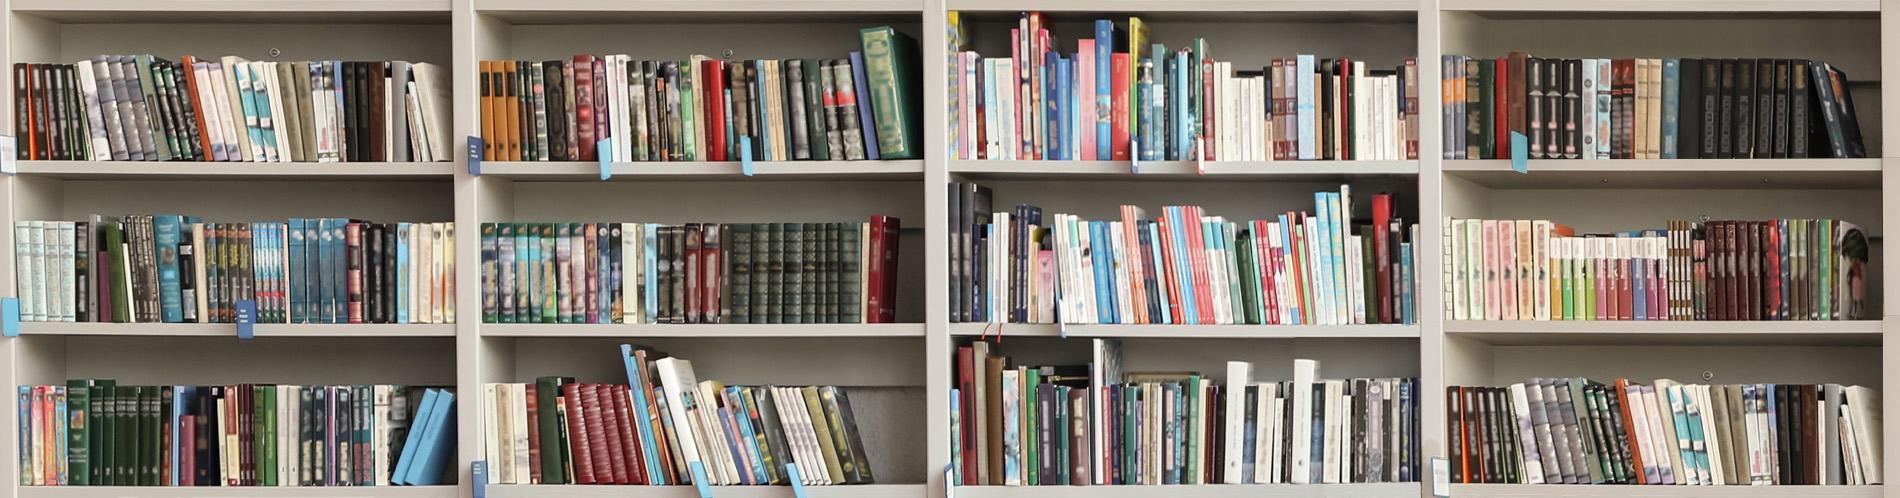 estante de livros.1